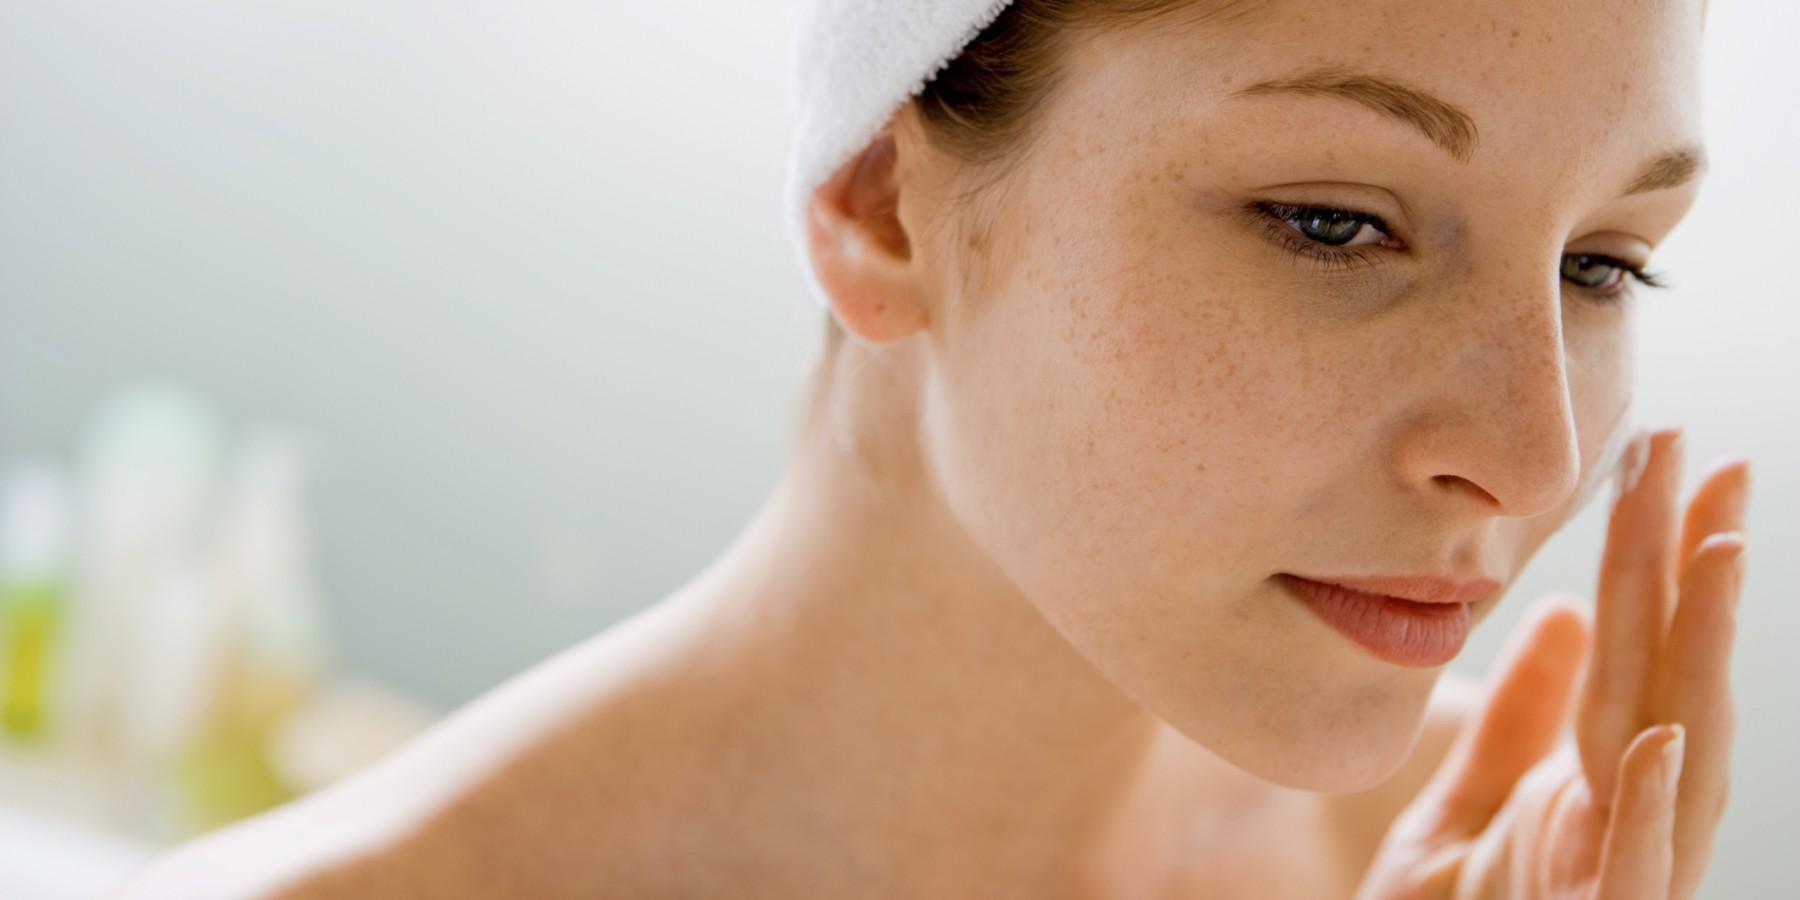 Kết quả hình ảnh cho thiếu hụt collagen